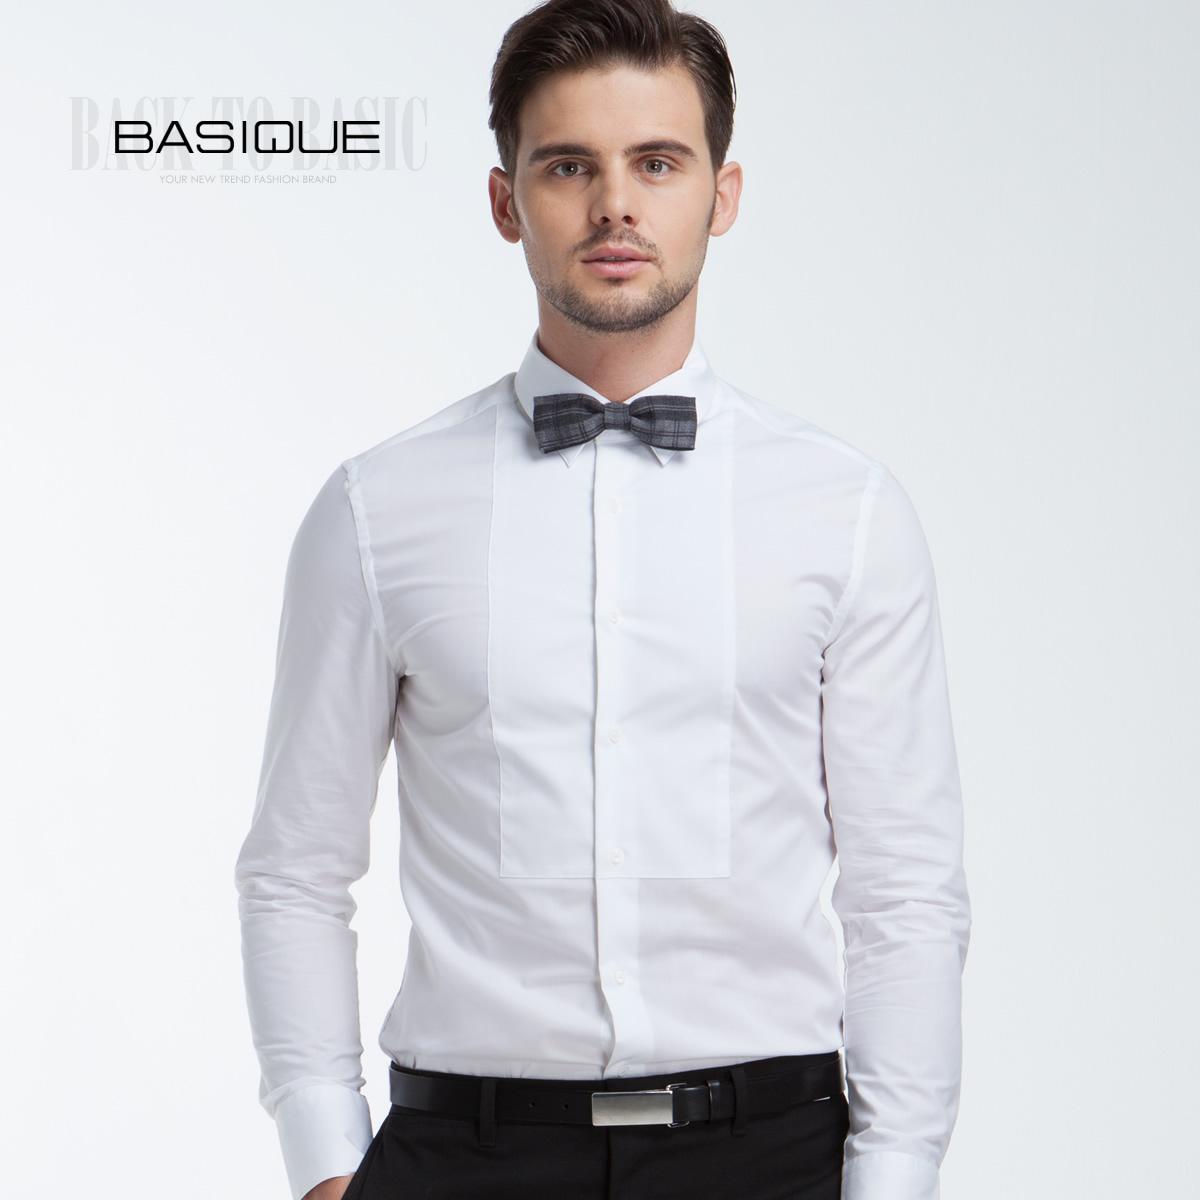 White Dress Shirt For Men Basique-book-men-s-clothing- ...